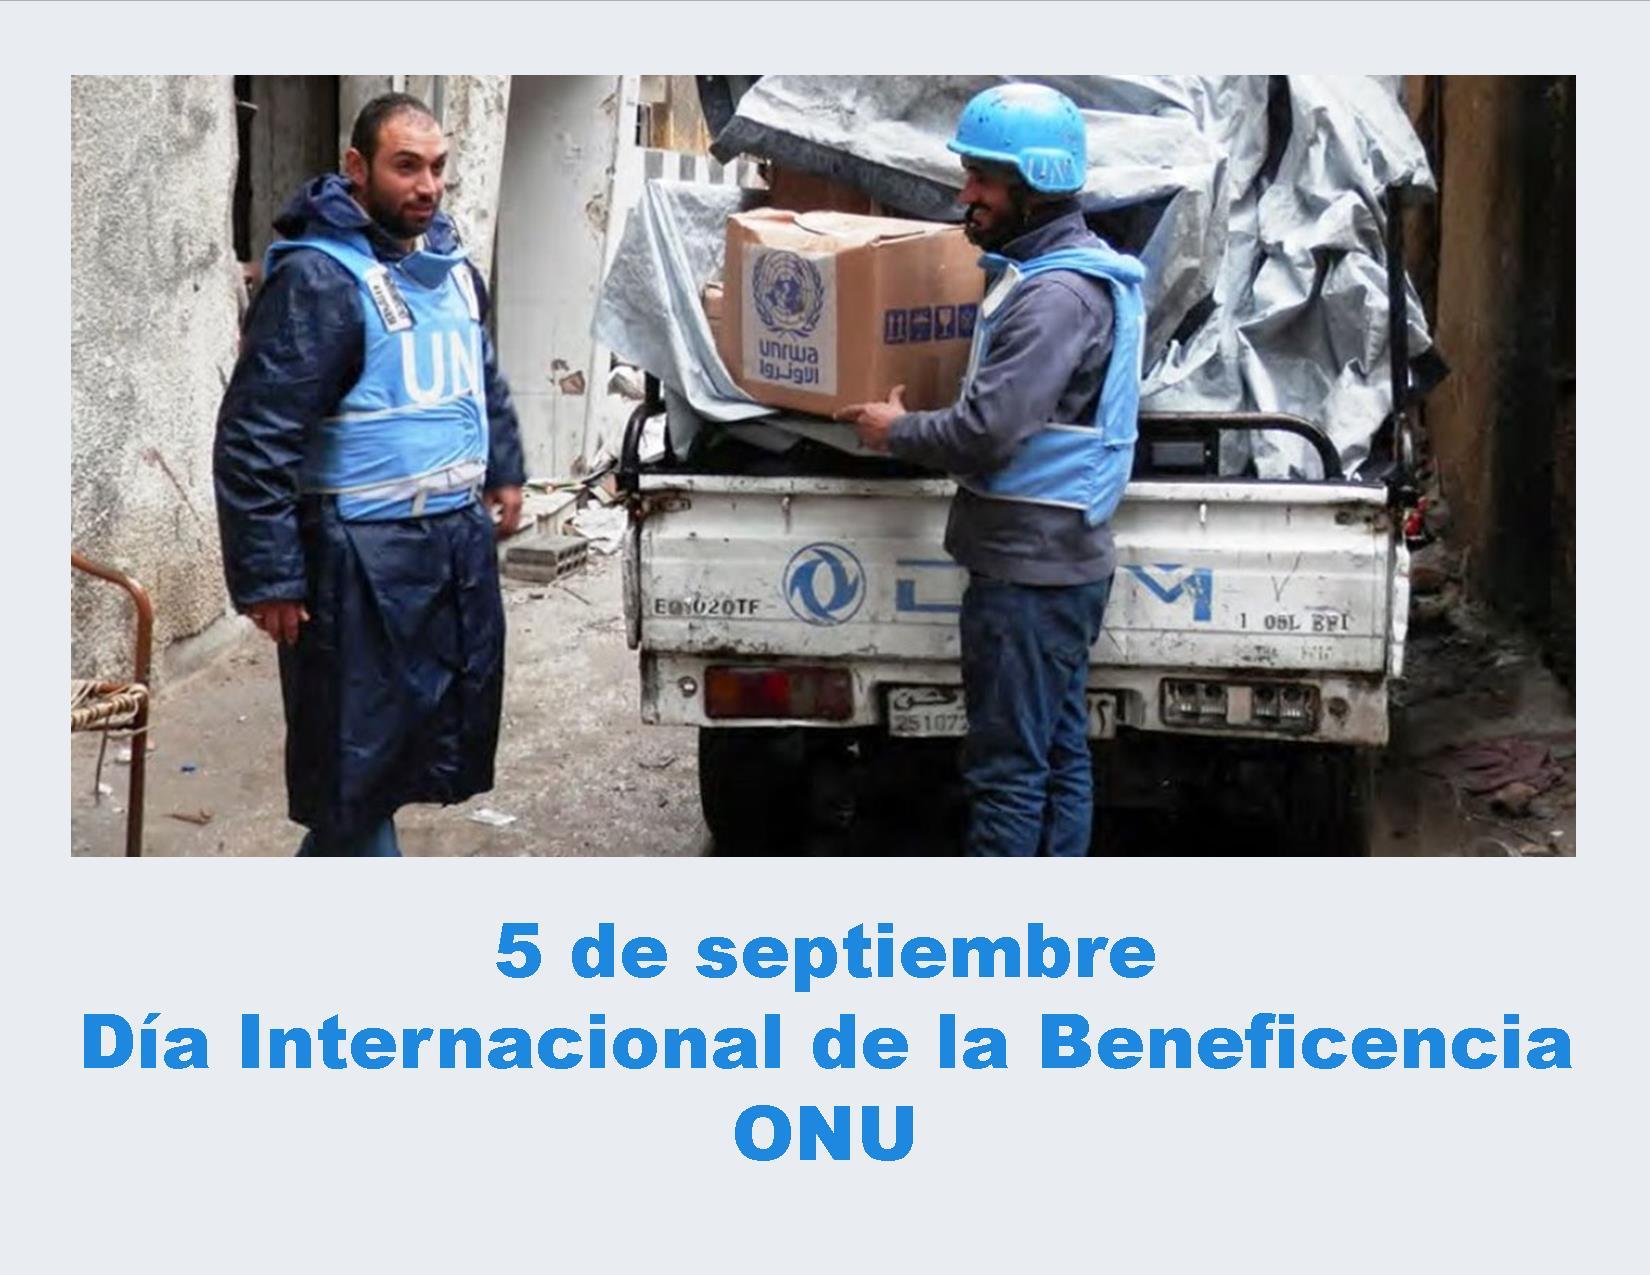 ONU 5 SEPT – Noticias